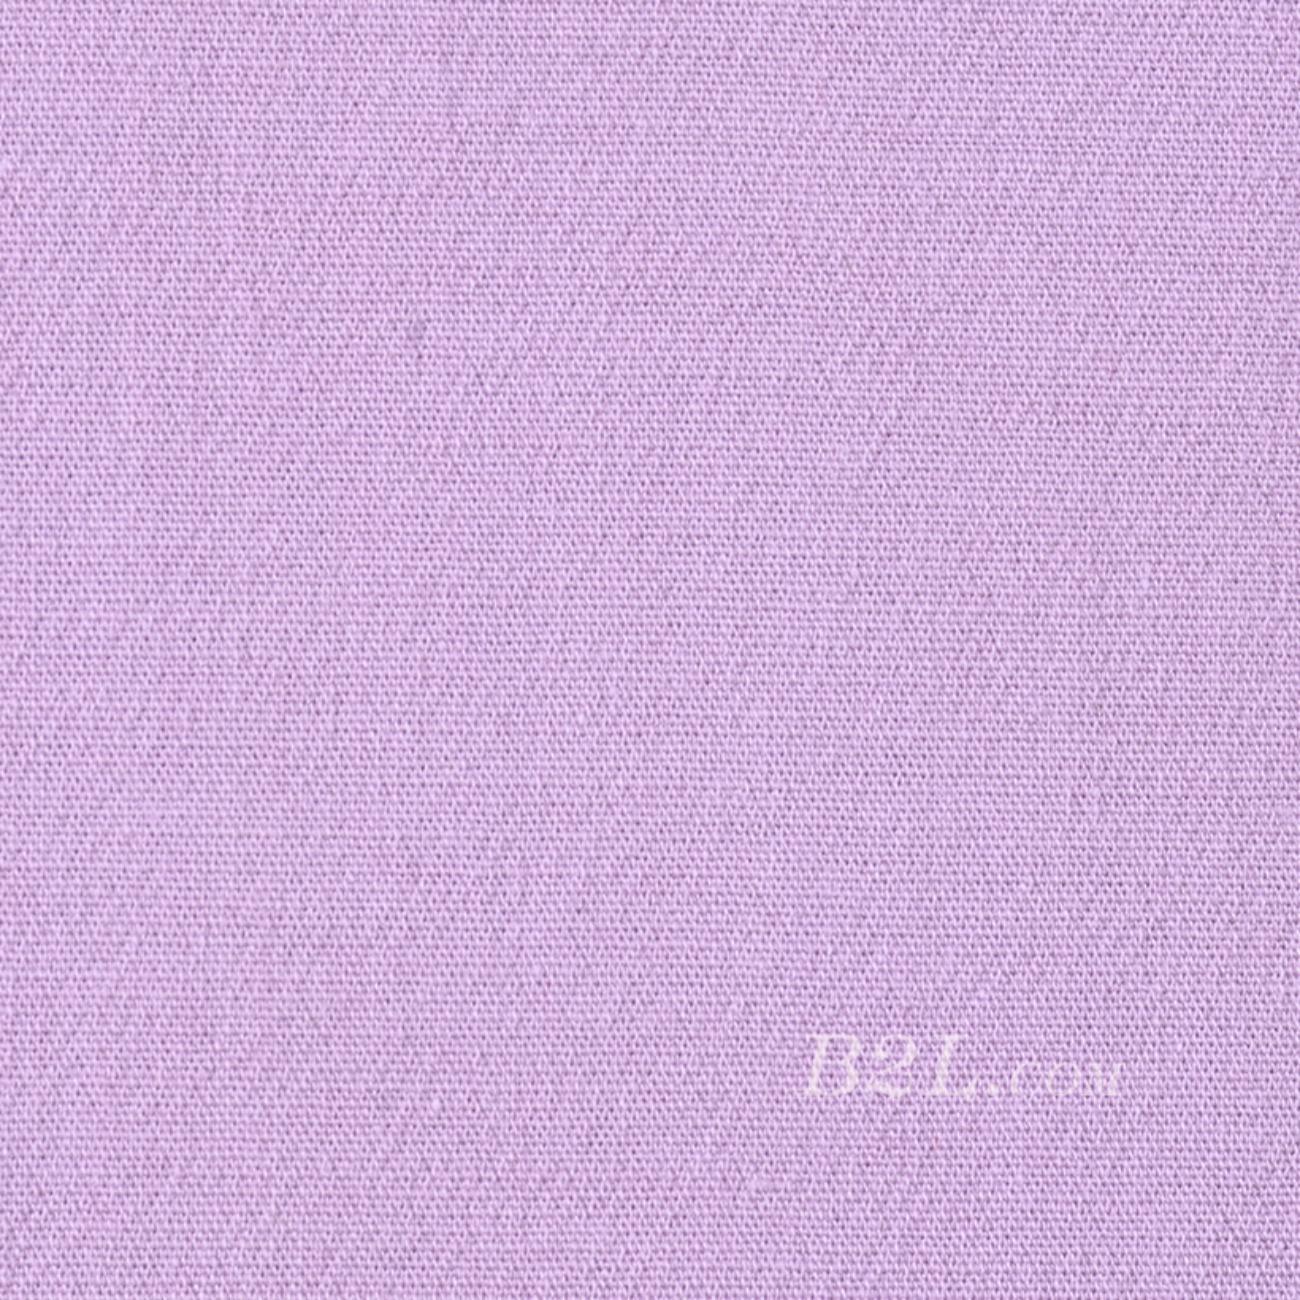 素色 梭织 染色 纬弹 连衣裙 衬衫 柔软 细腻 女装 春夏 71116-23